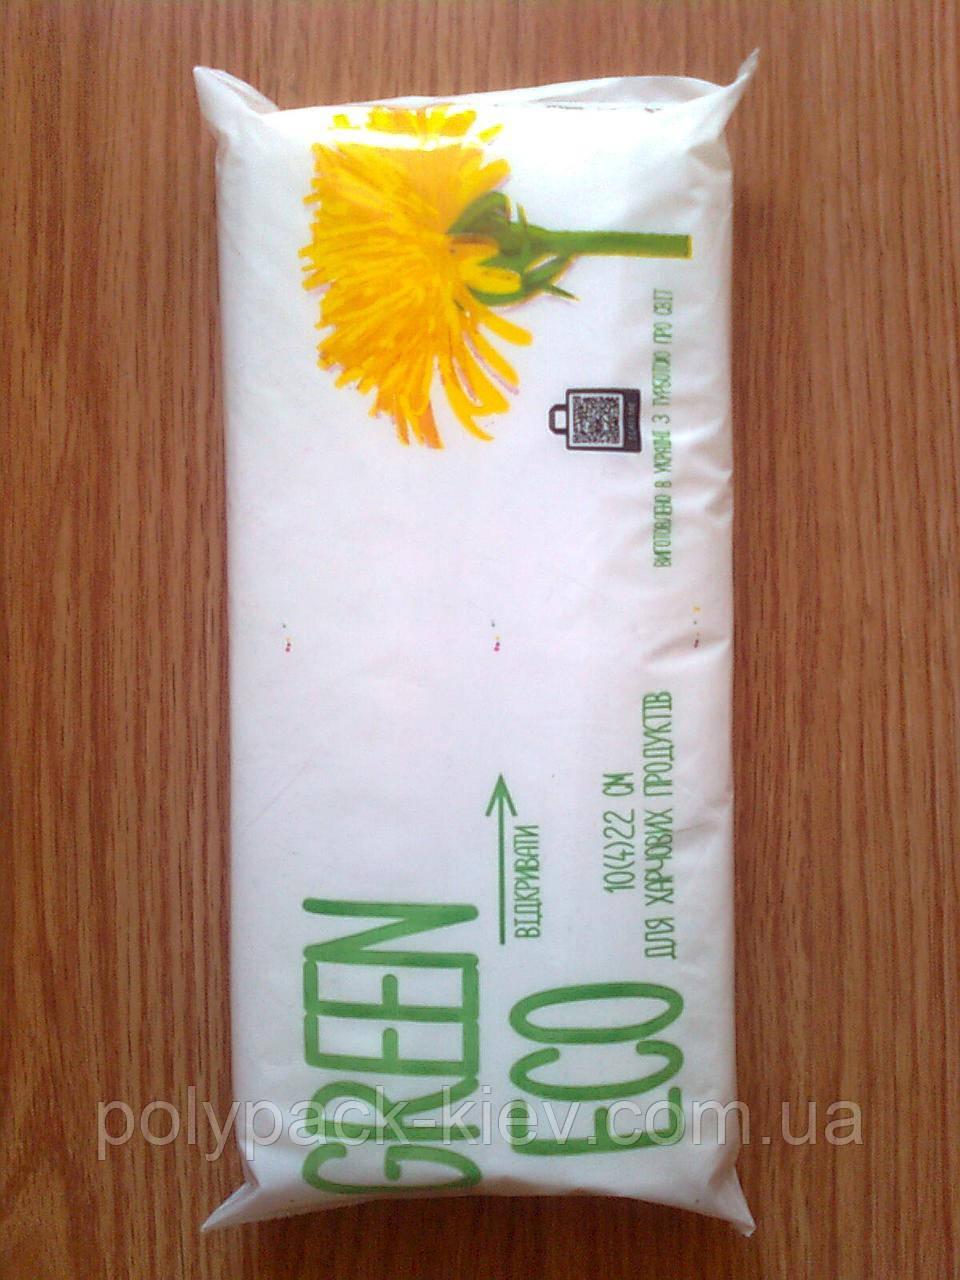 Фасувальний пакет 10*22 см/ 6 мкм, 1000 шт. біорозкладані фасувальні пакети, блокова фасовка для бутербродів